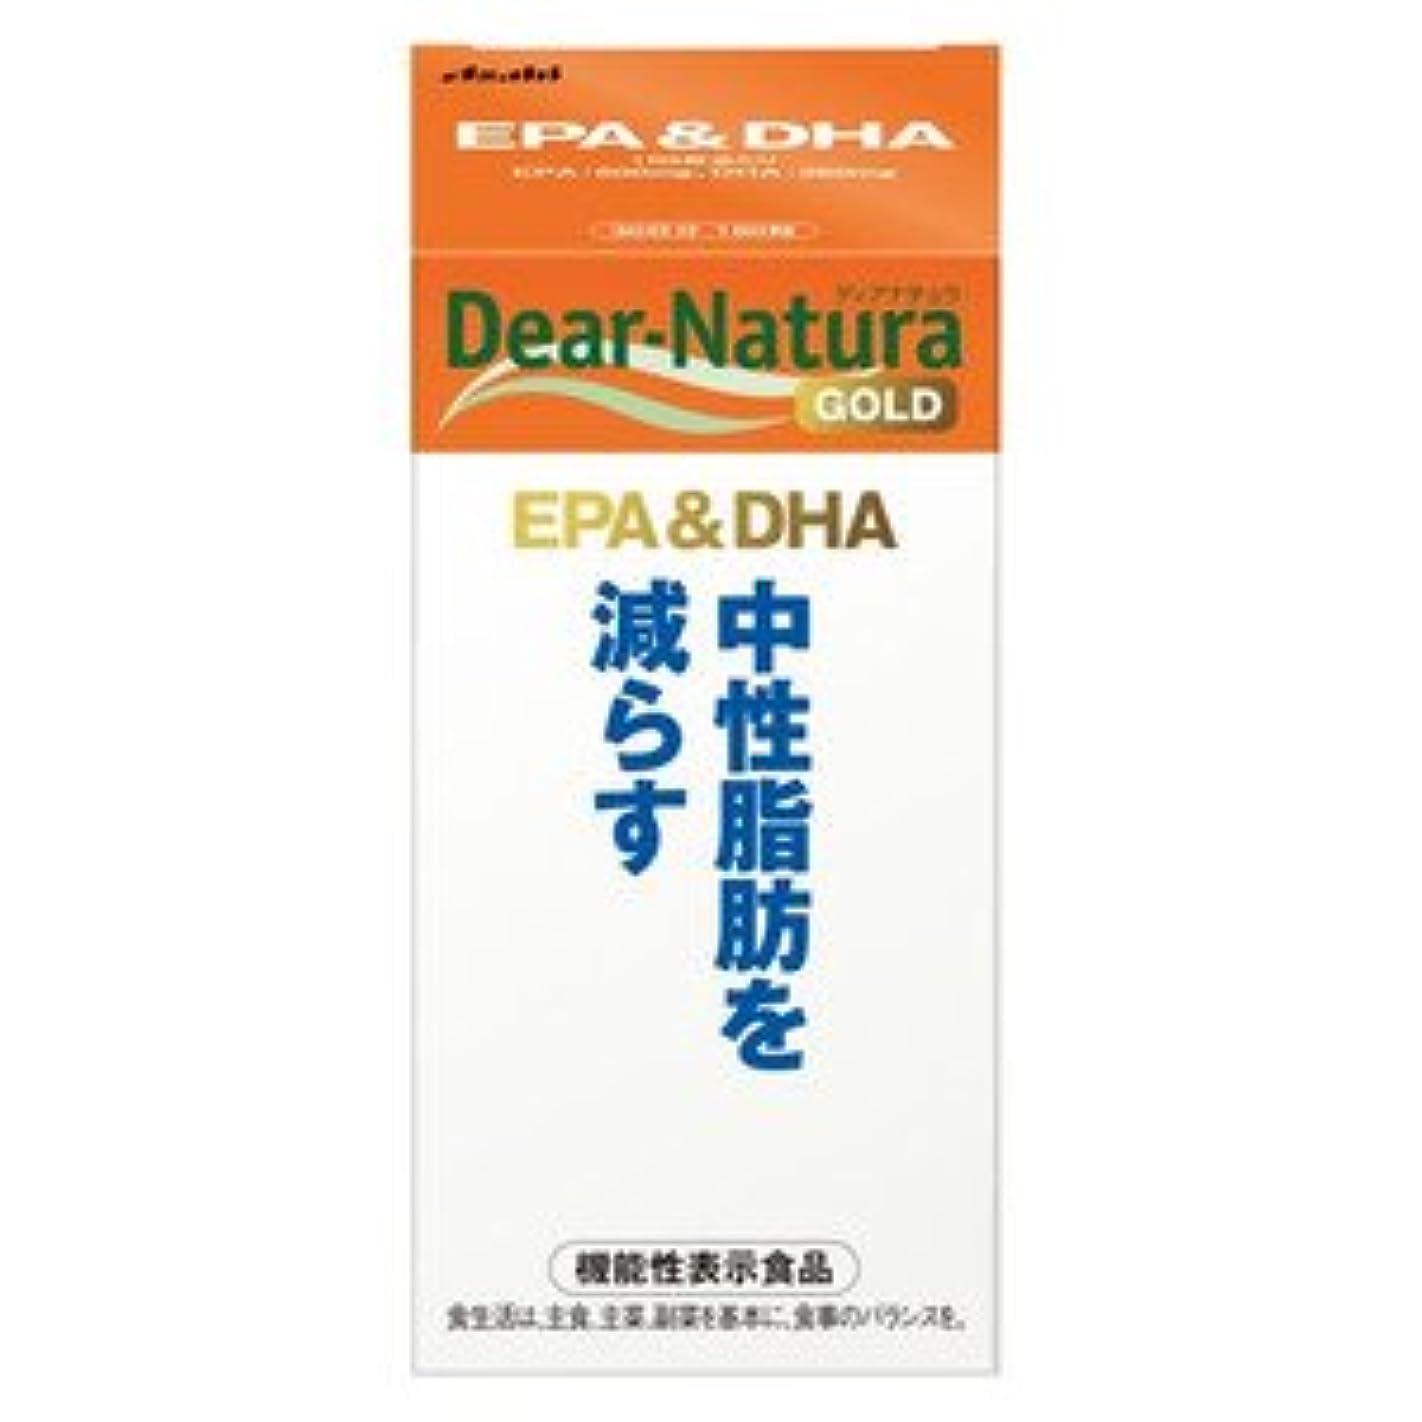 変成器雑多な真珠のような(アサヒフード&ヘルスケア)ディアナチュラゴールド EPA&DHA 30日分 180粒(お買い得3個セット)